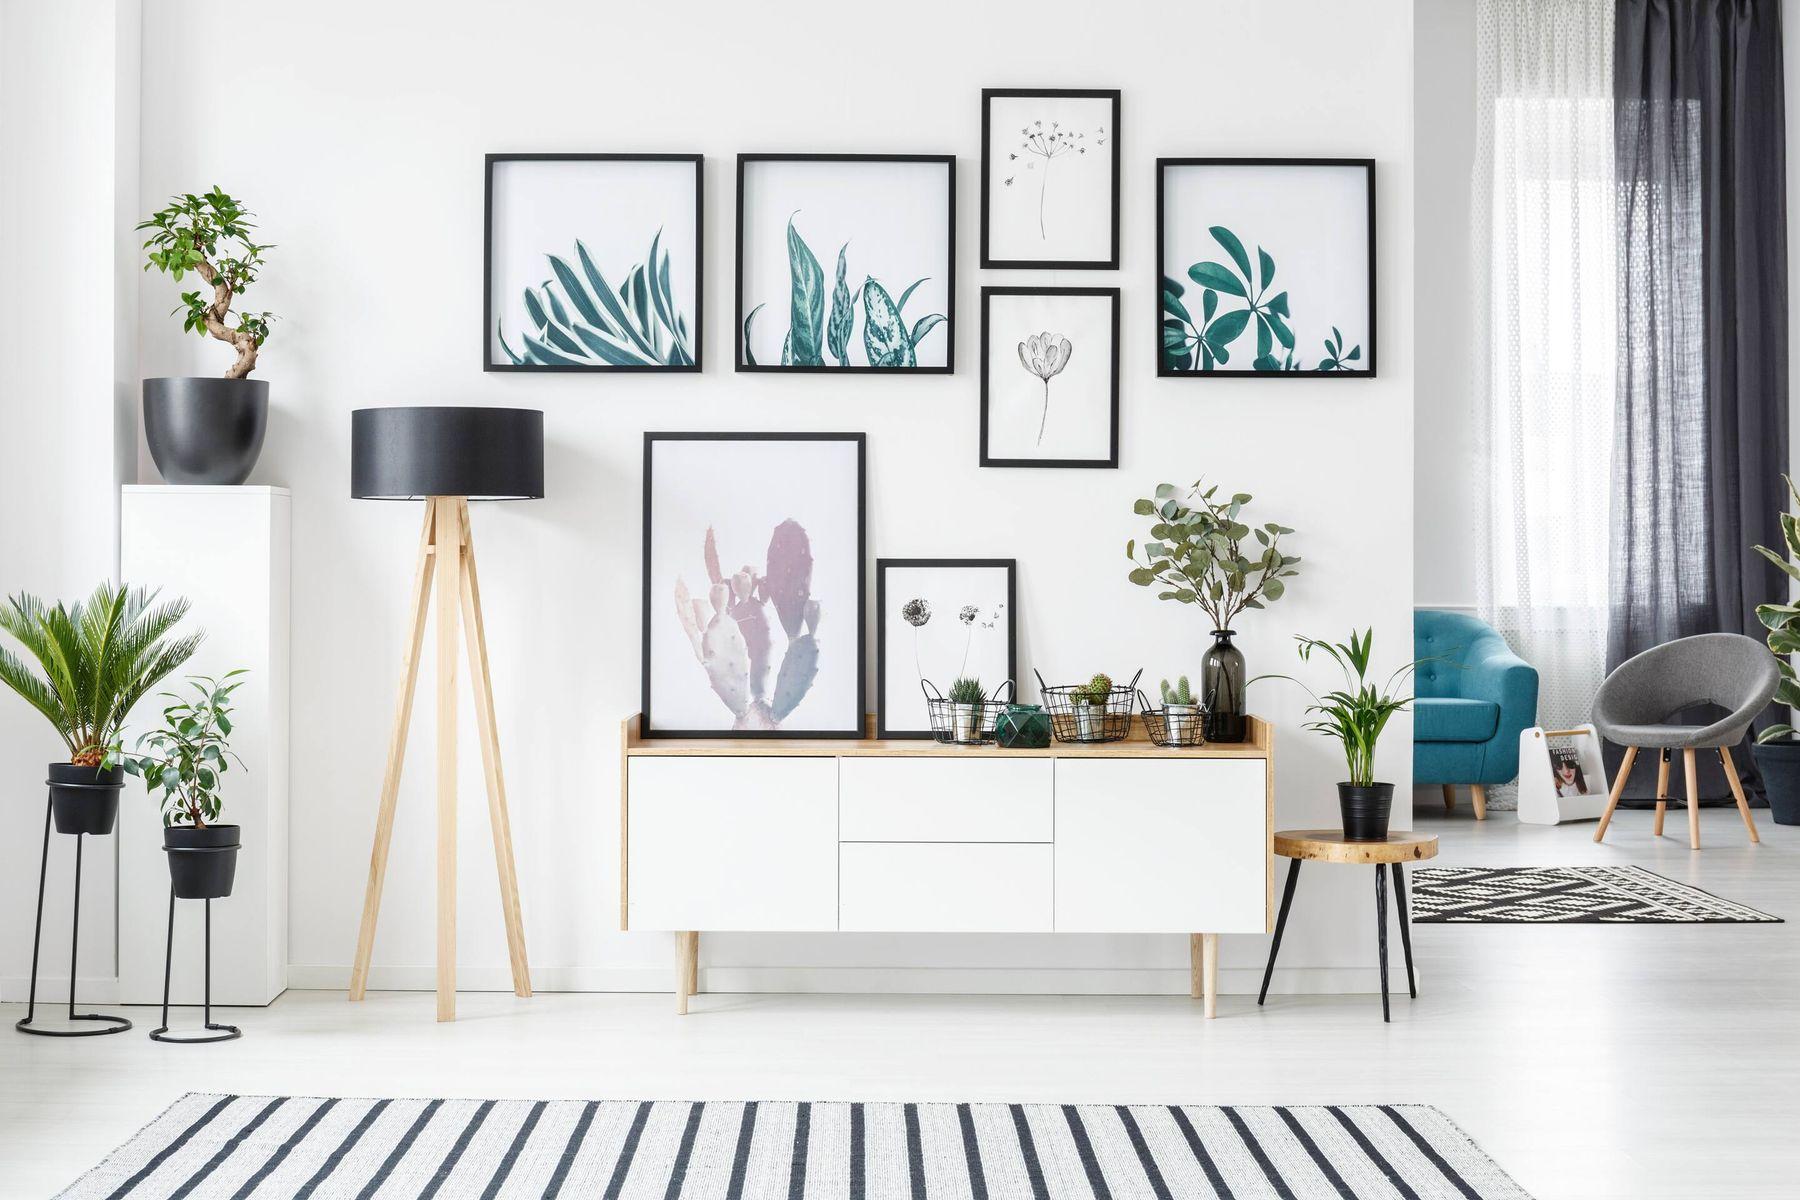 Küçük Ev Dekorasyonu için Stratejik Öneriler